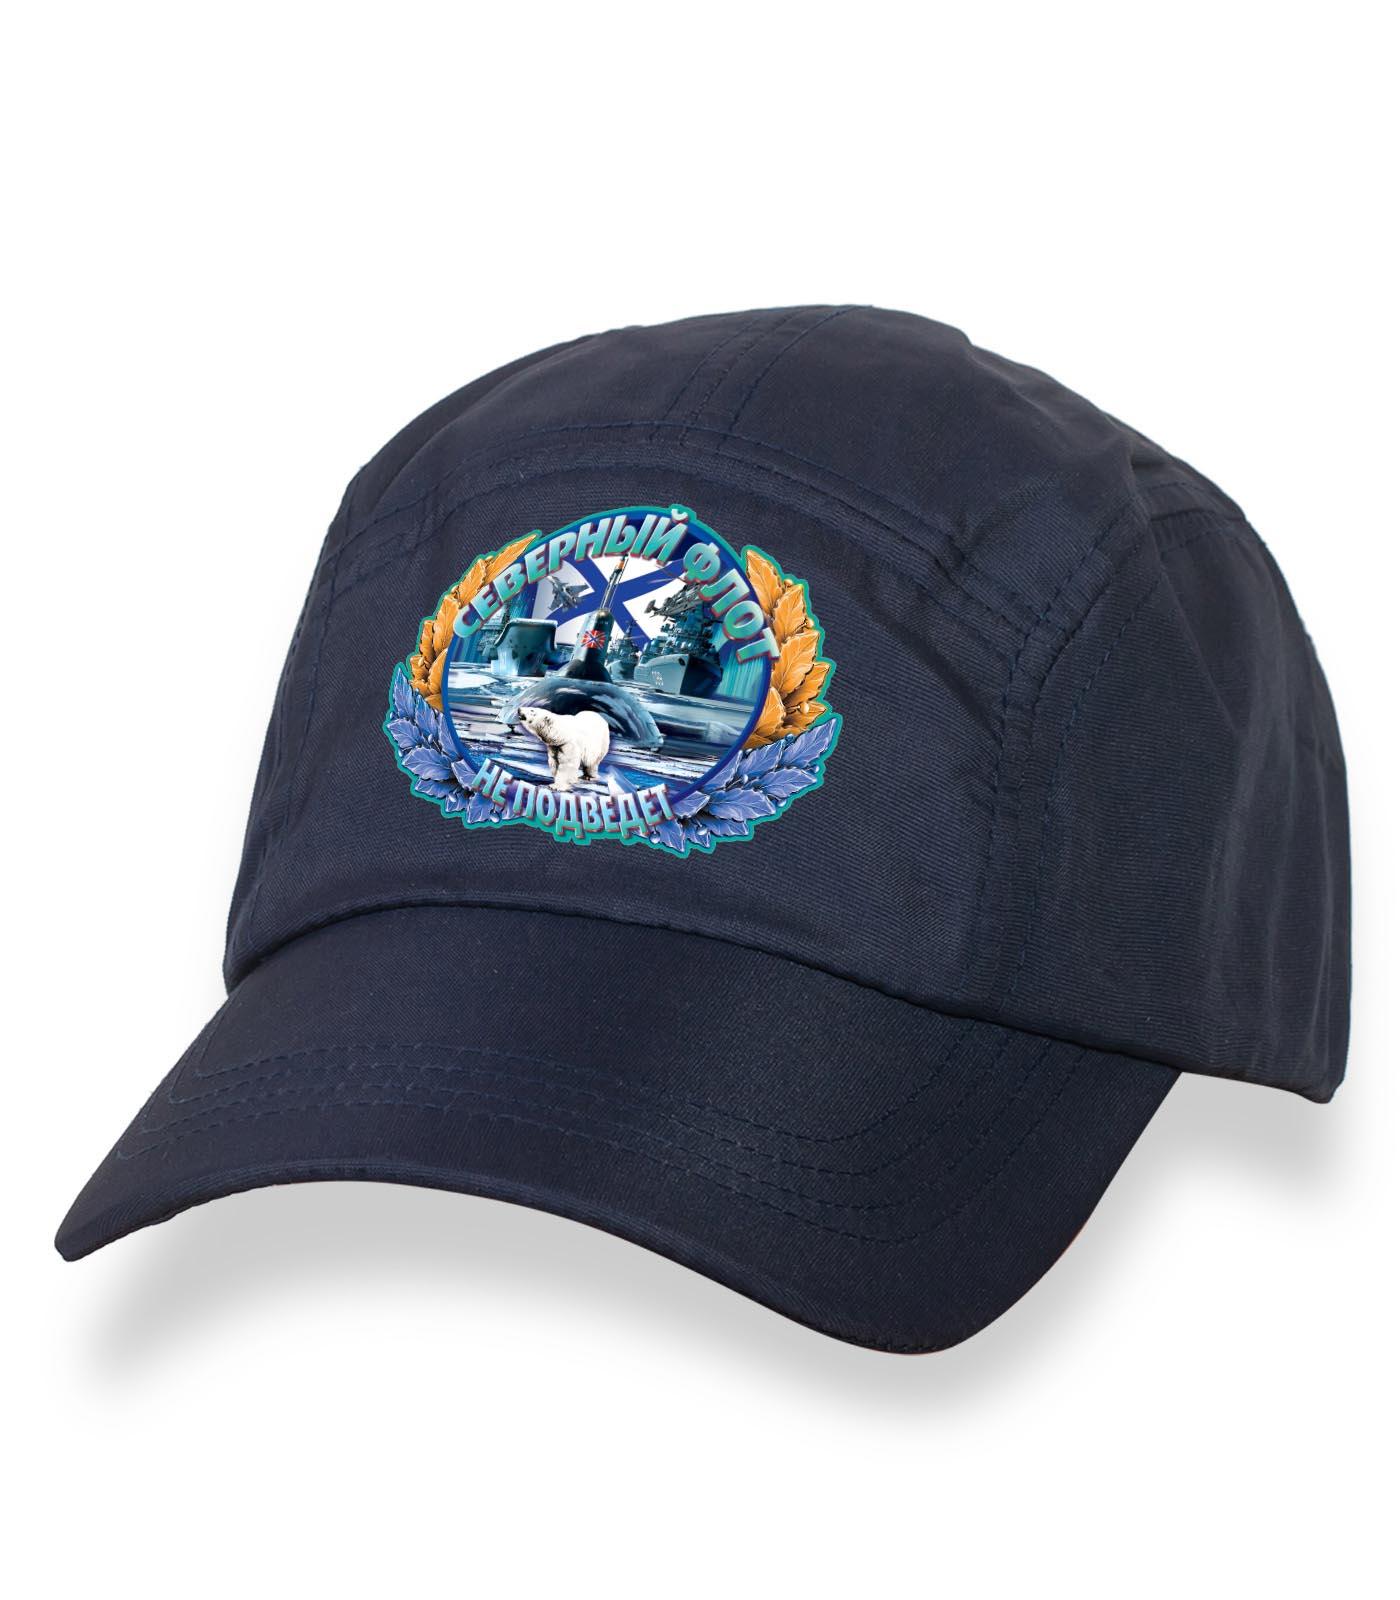 Крутая темно-синяя бейсболка с термонаклейкой Северный Флот